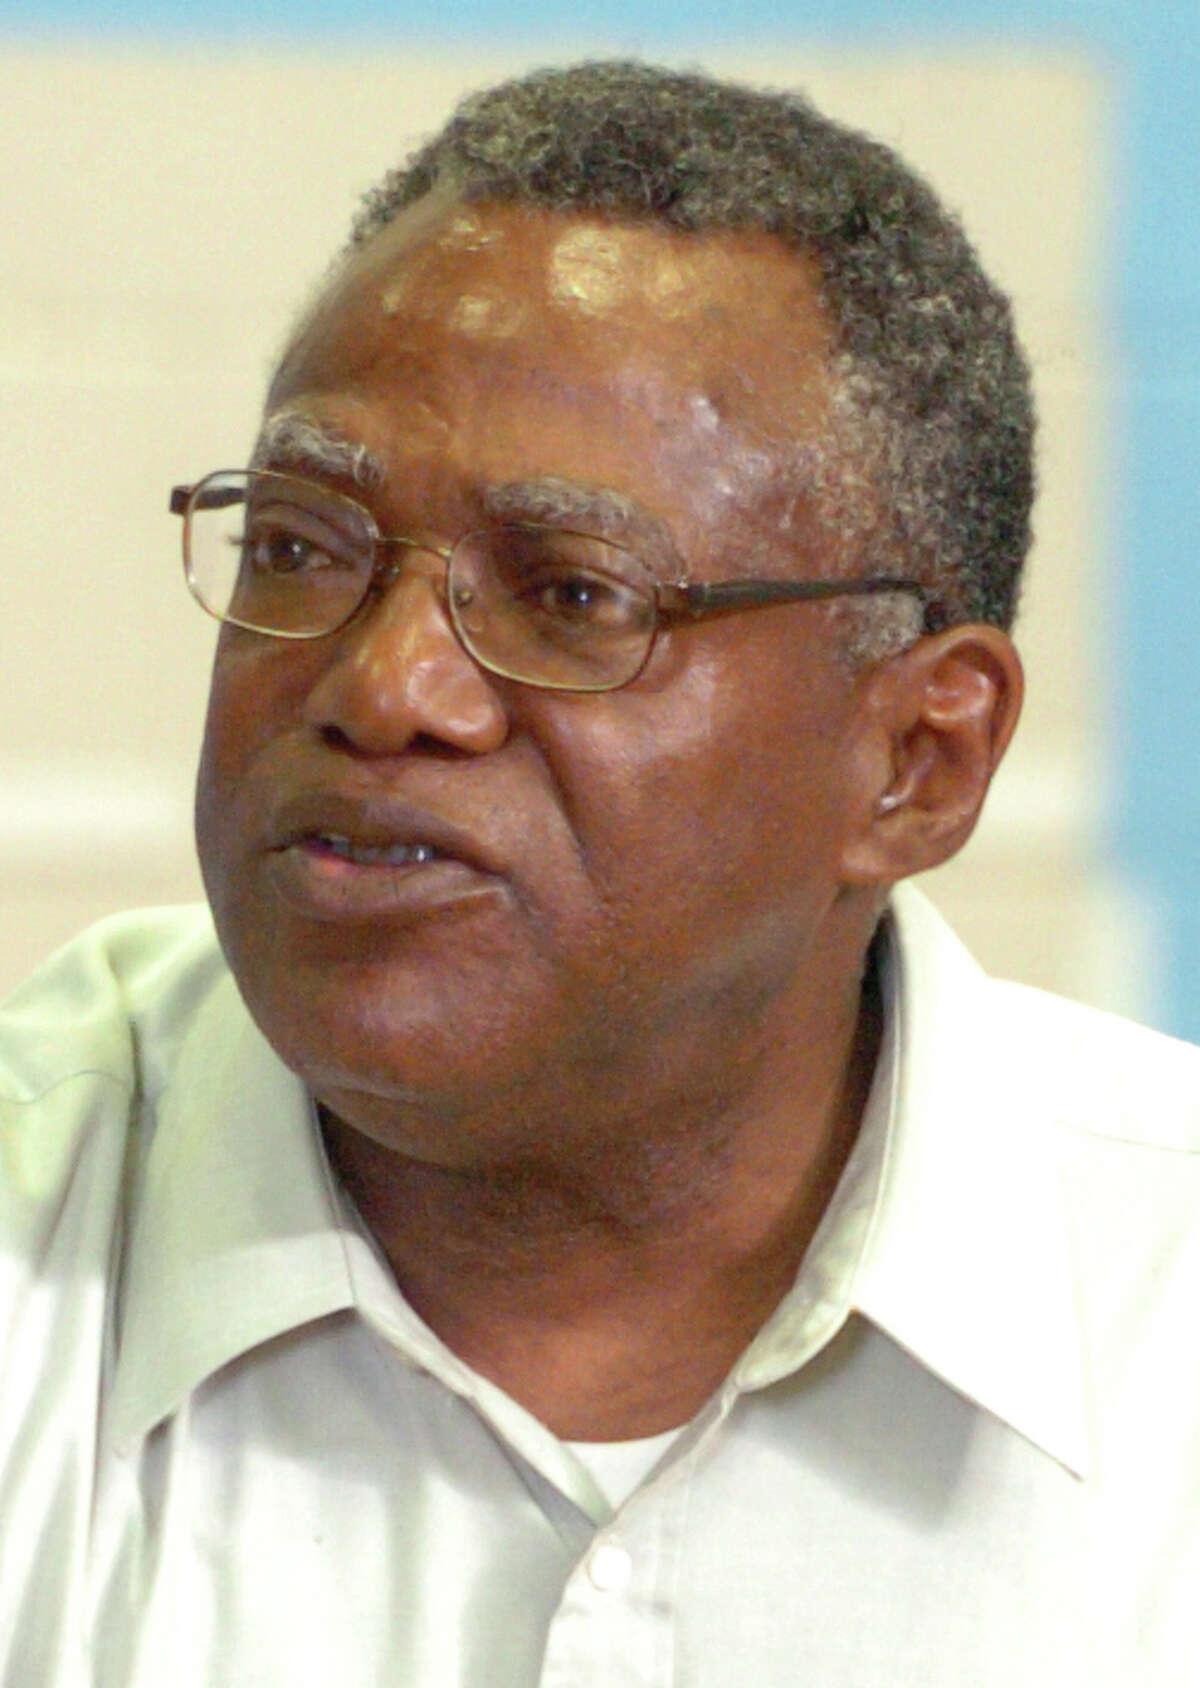 Former Bridgeport Board of Education member Bobby Simmons